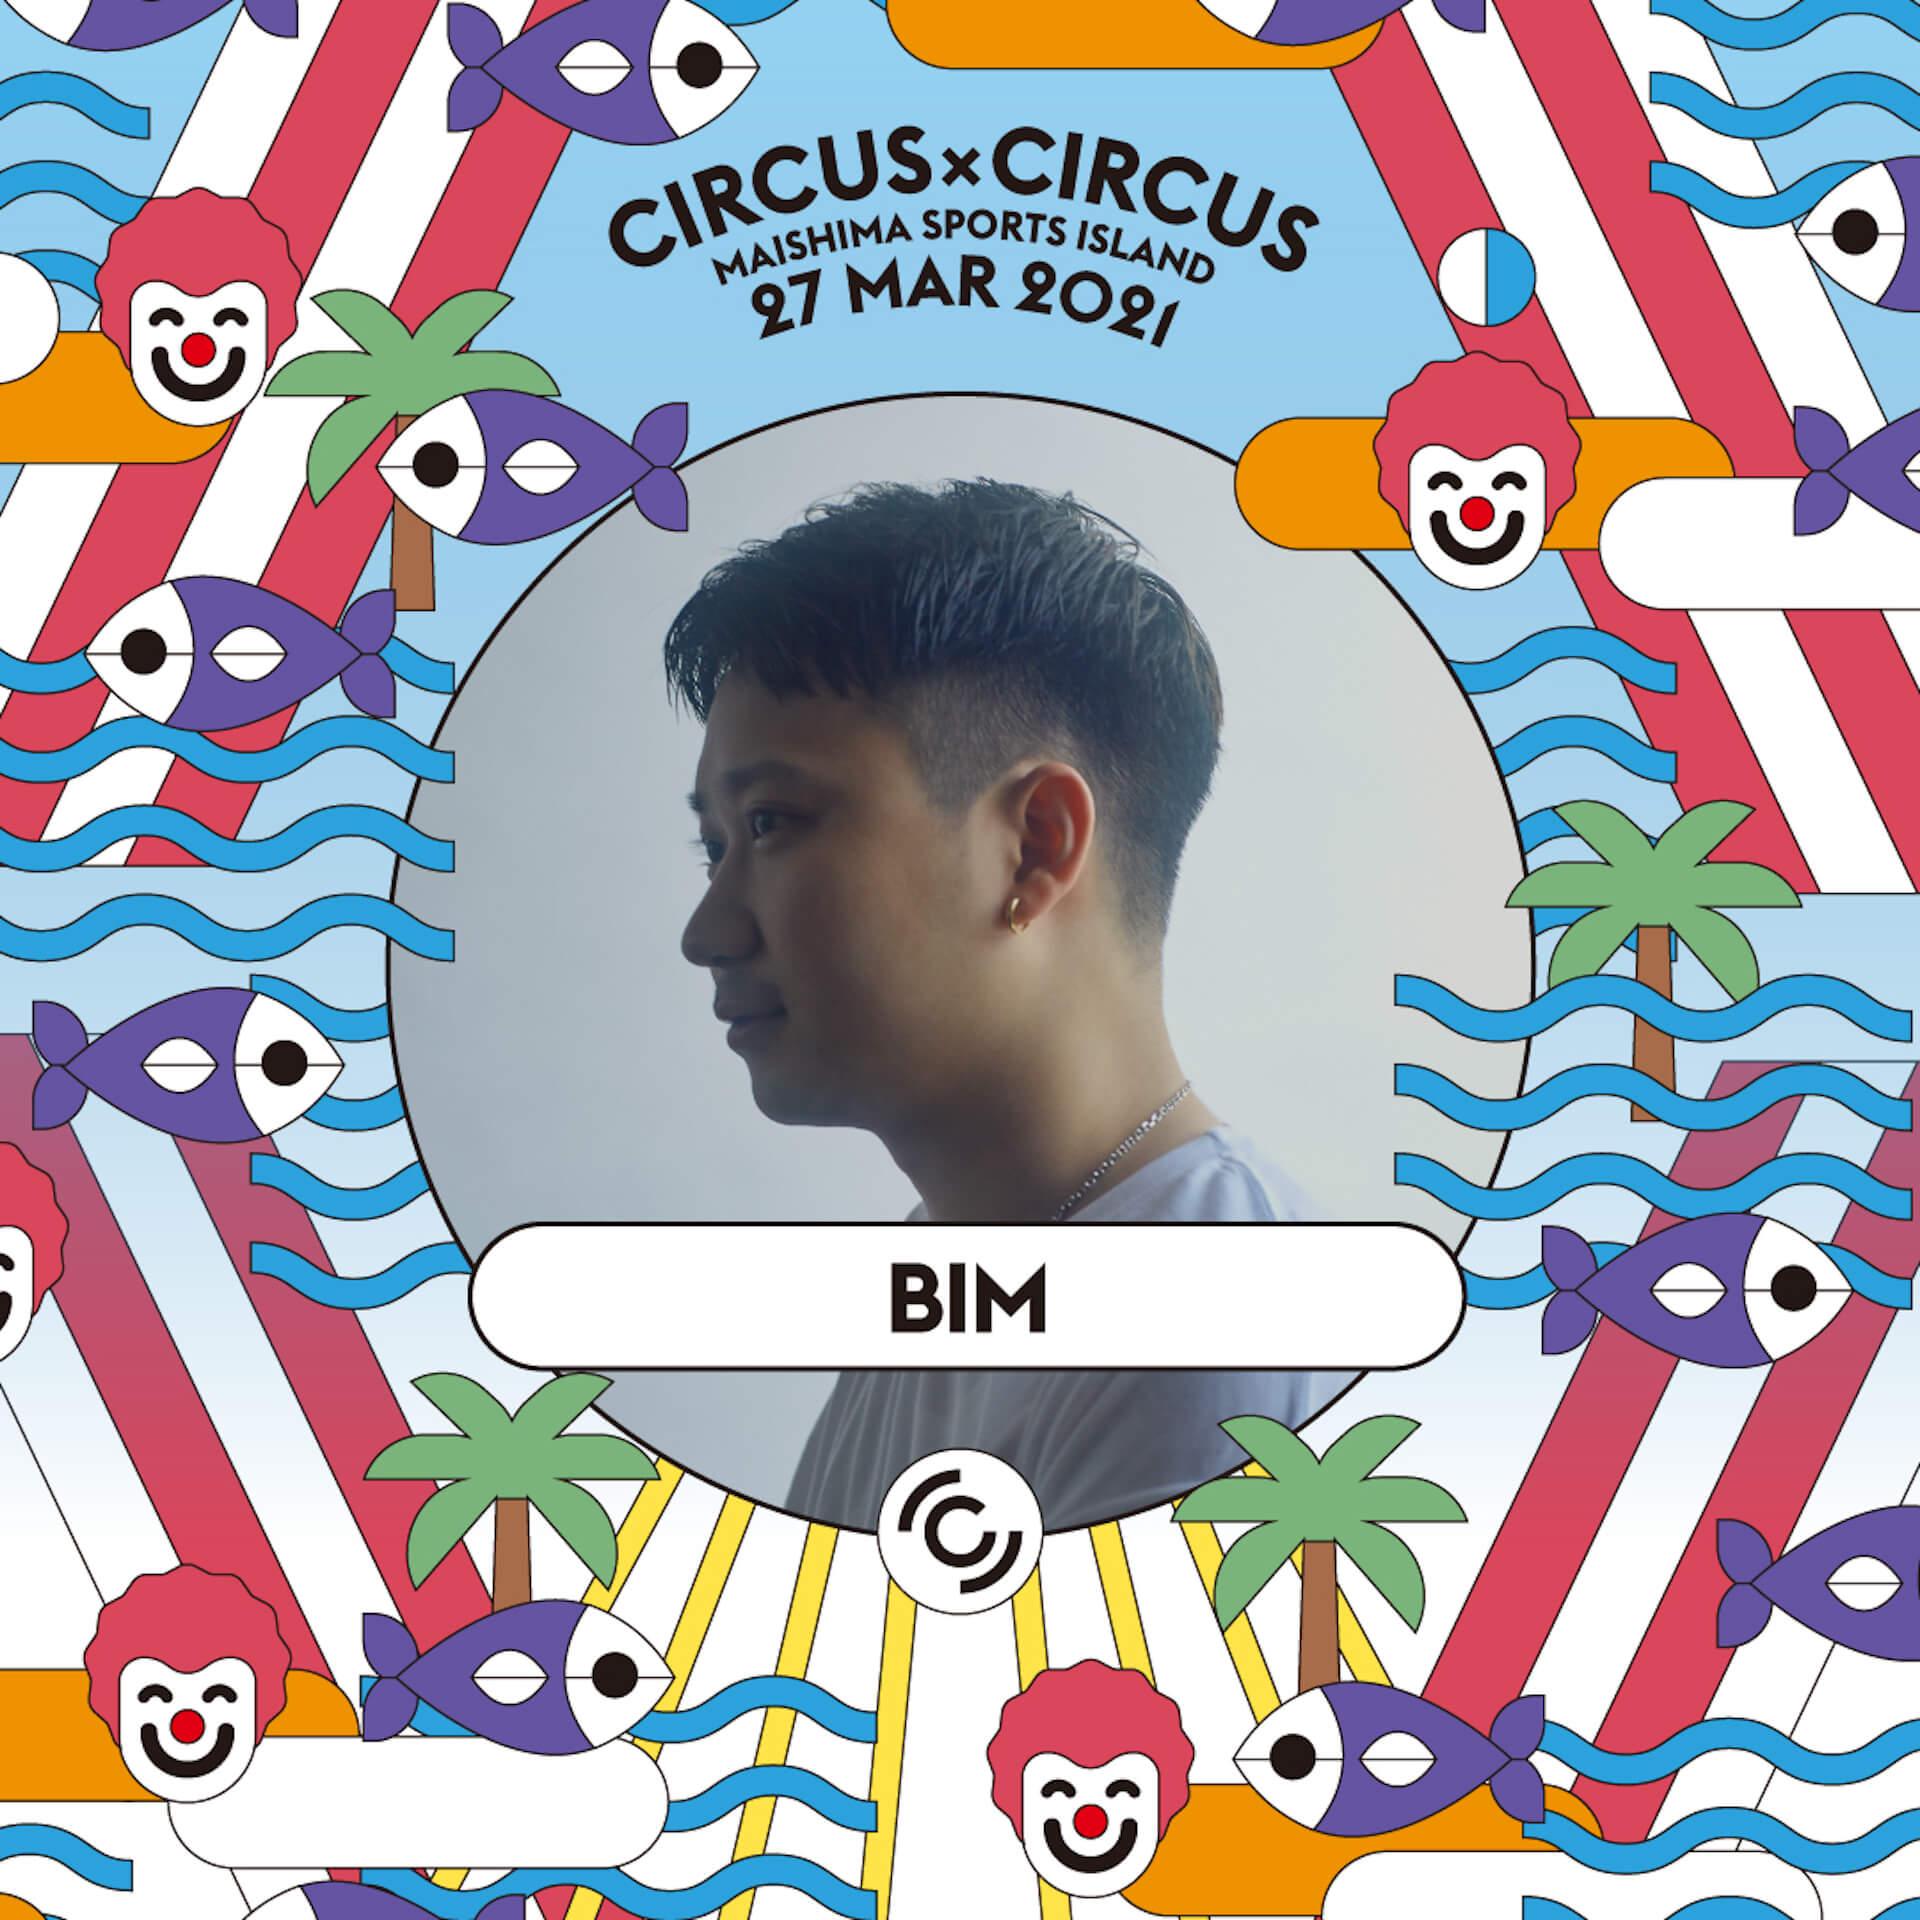 来週末開催の<CIRCUS × CIRCUS>オープニングアクトにKM!シークレットゲストも追加|YAGI&FULLHOUSEによるアフターパーティーにJNKMN、Qiezi Maboら参加 music210319_circuscircus_10